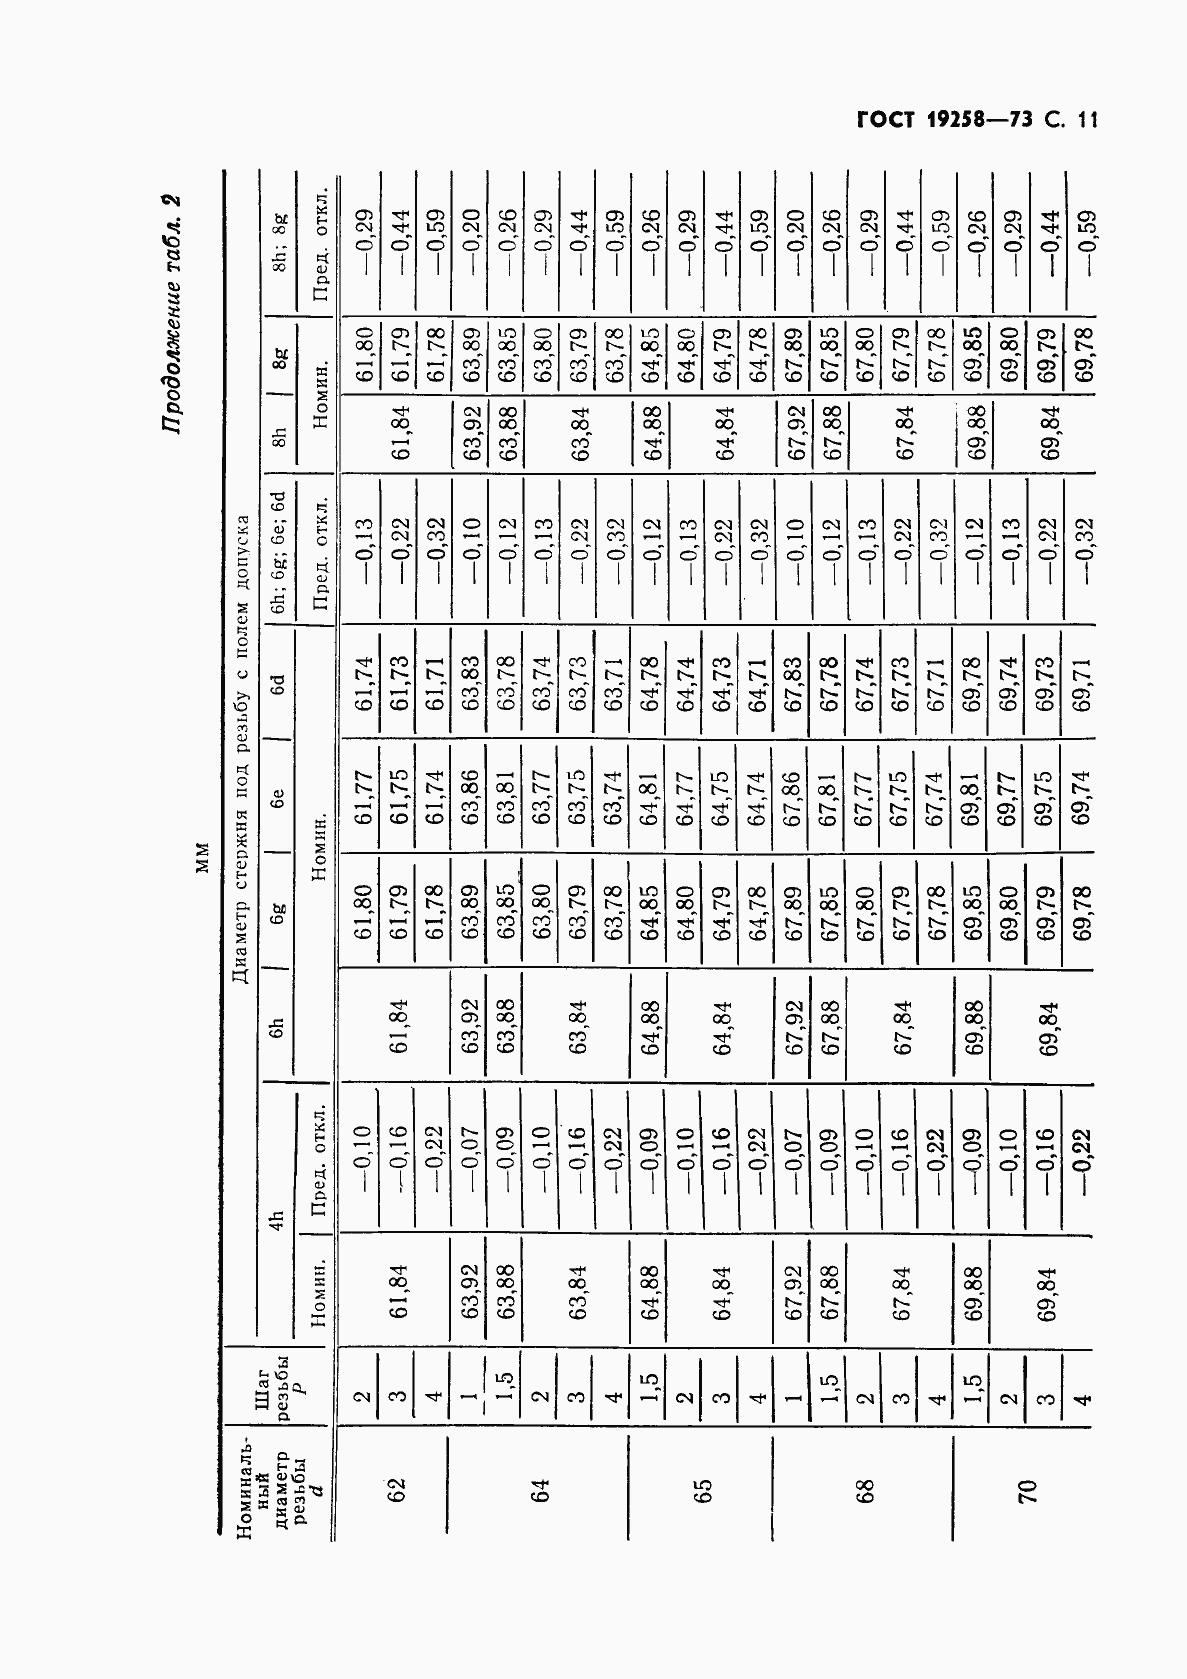 ГОСТ 19258-73. Страница 13